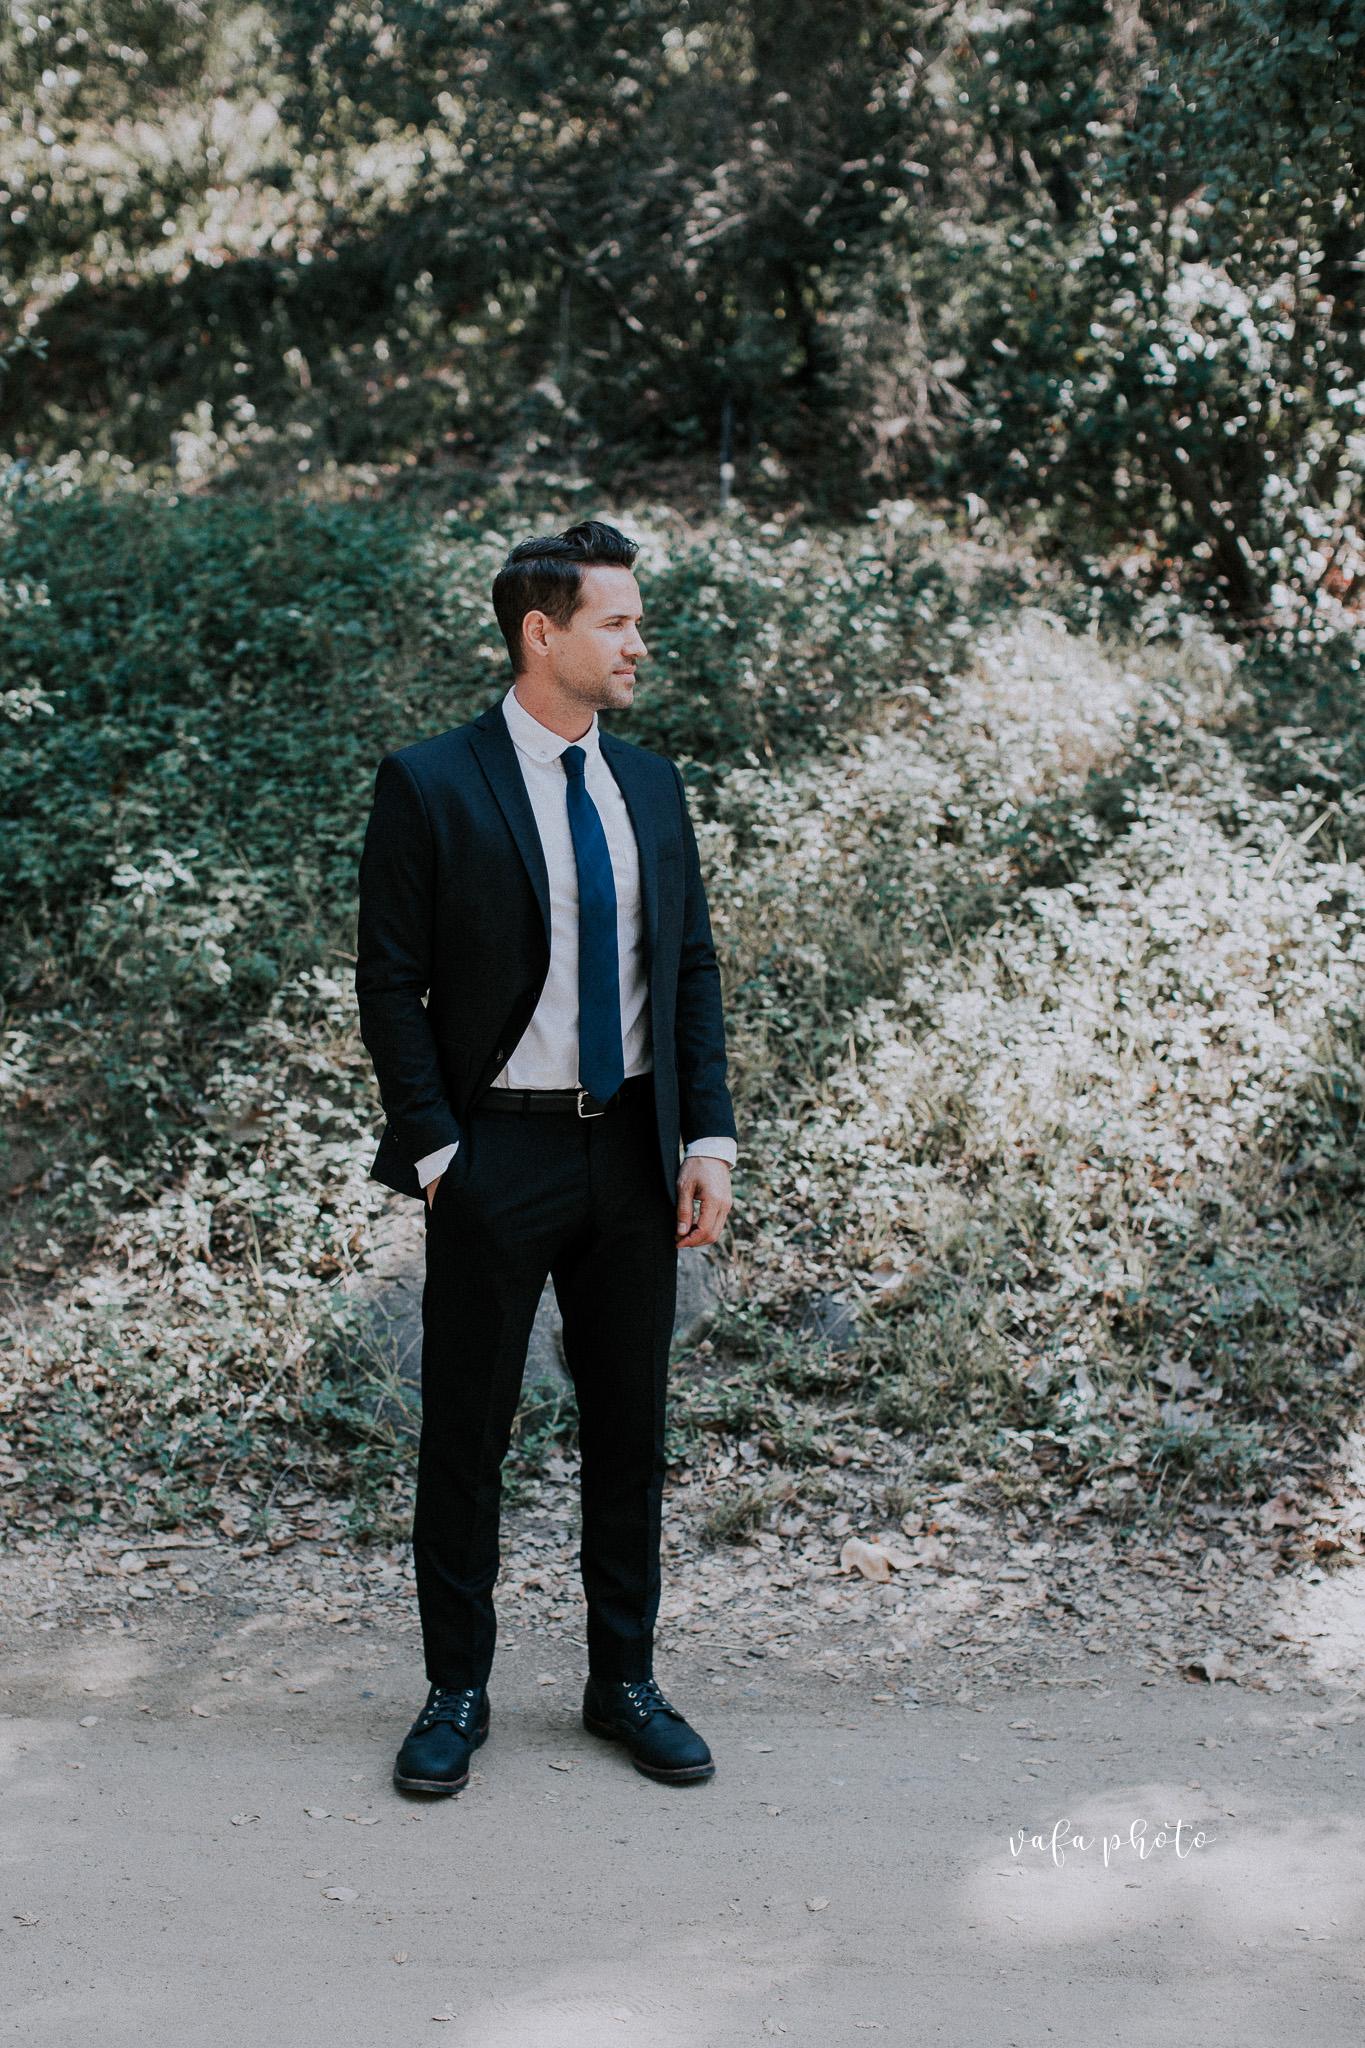 Southern-California-Wedding-Britt-Nilsson-Jeremy-Byrne-Vafa-Photo-189.jpg